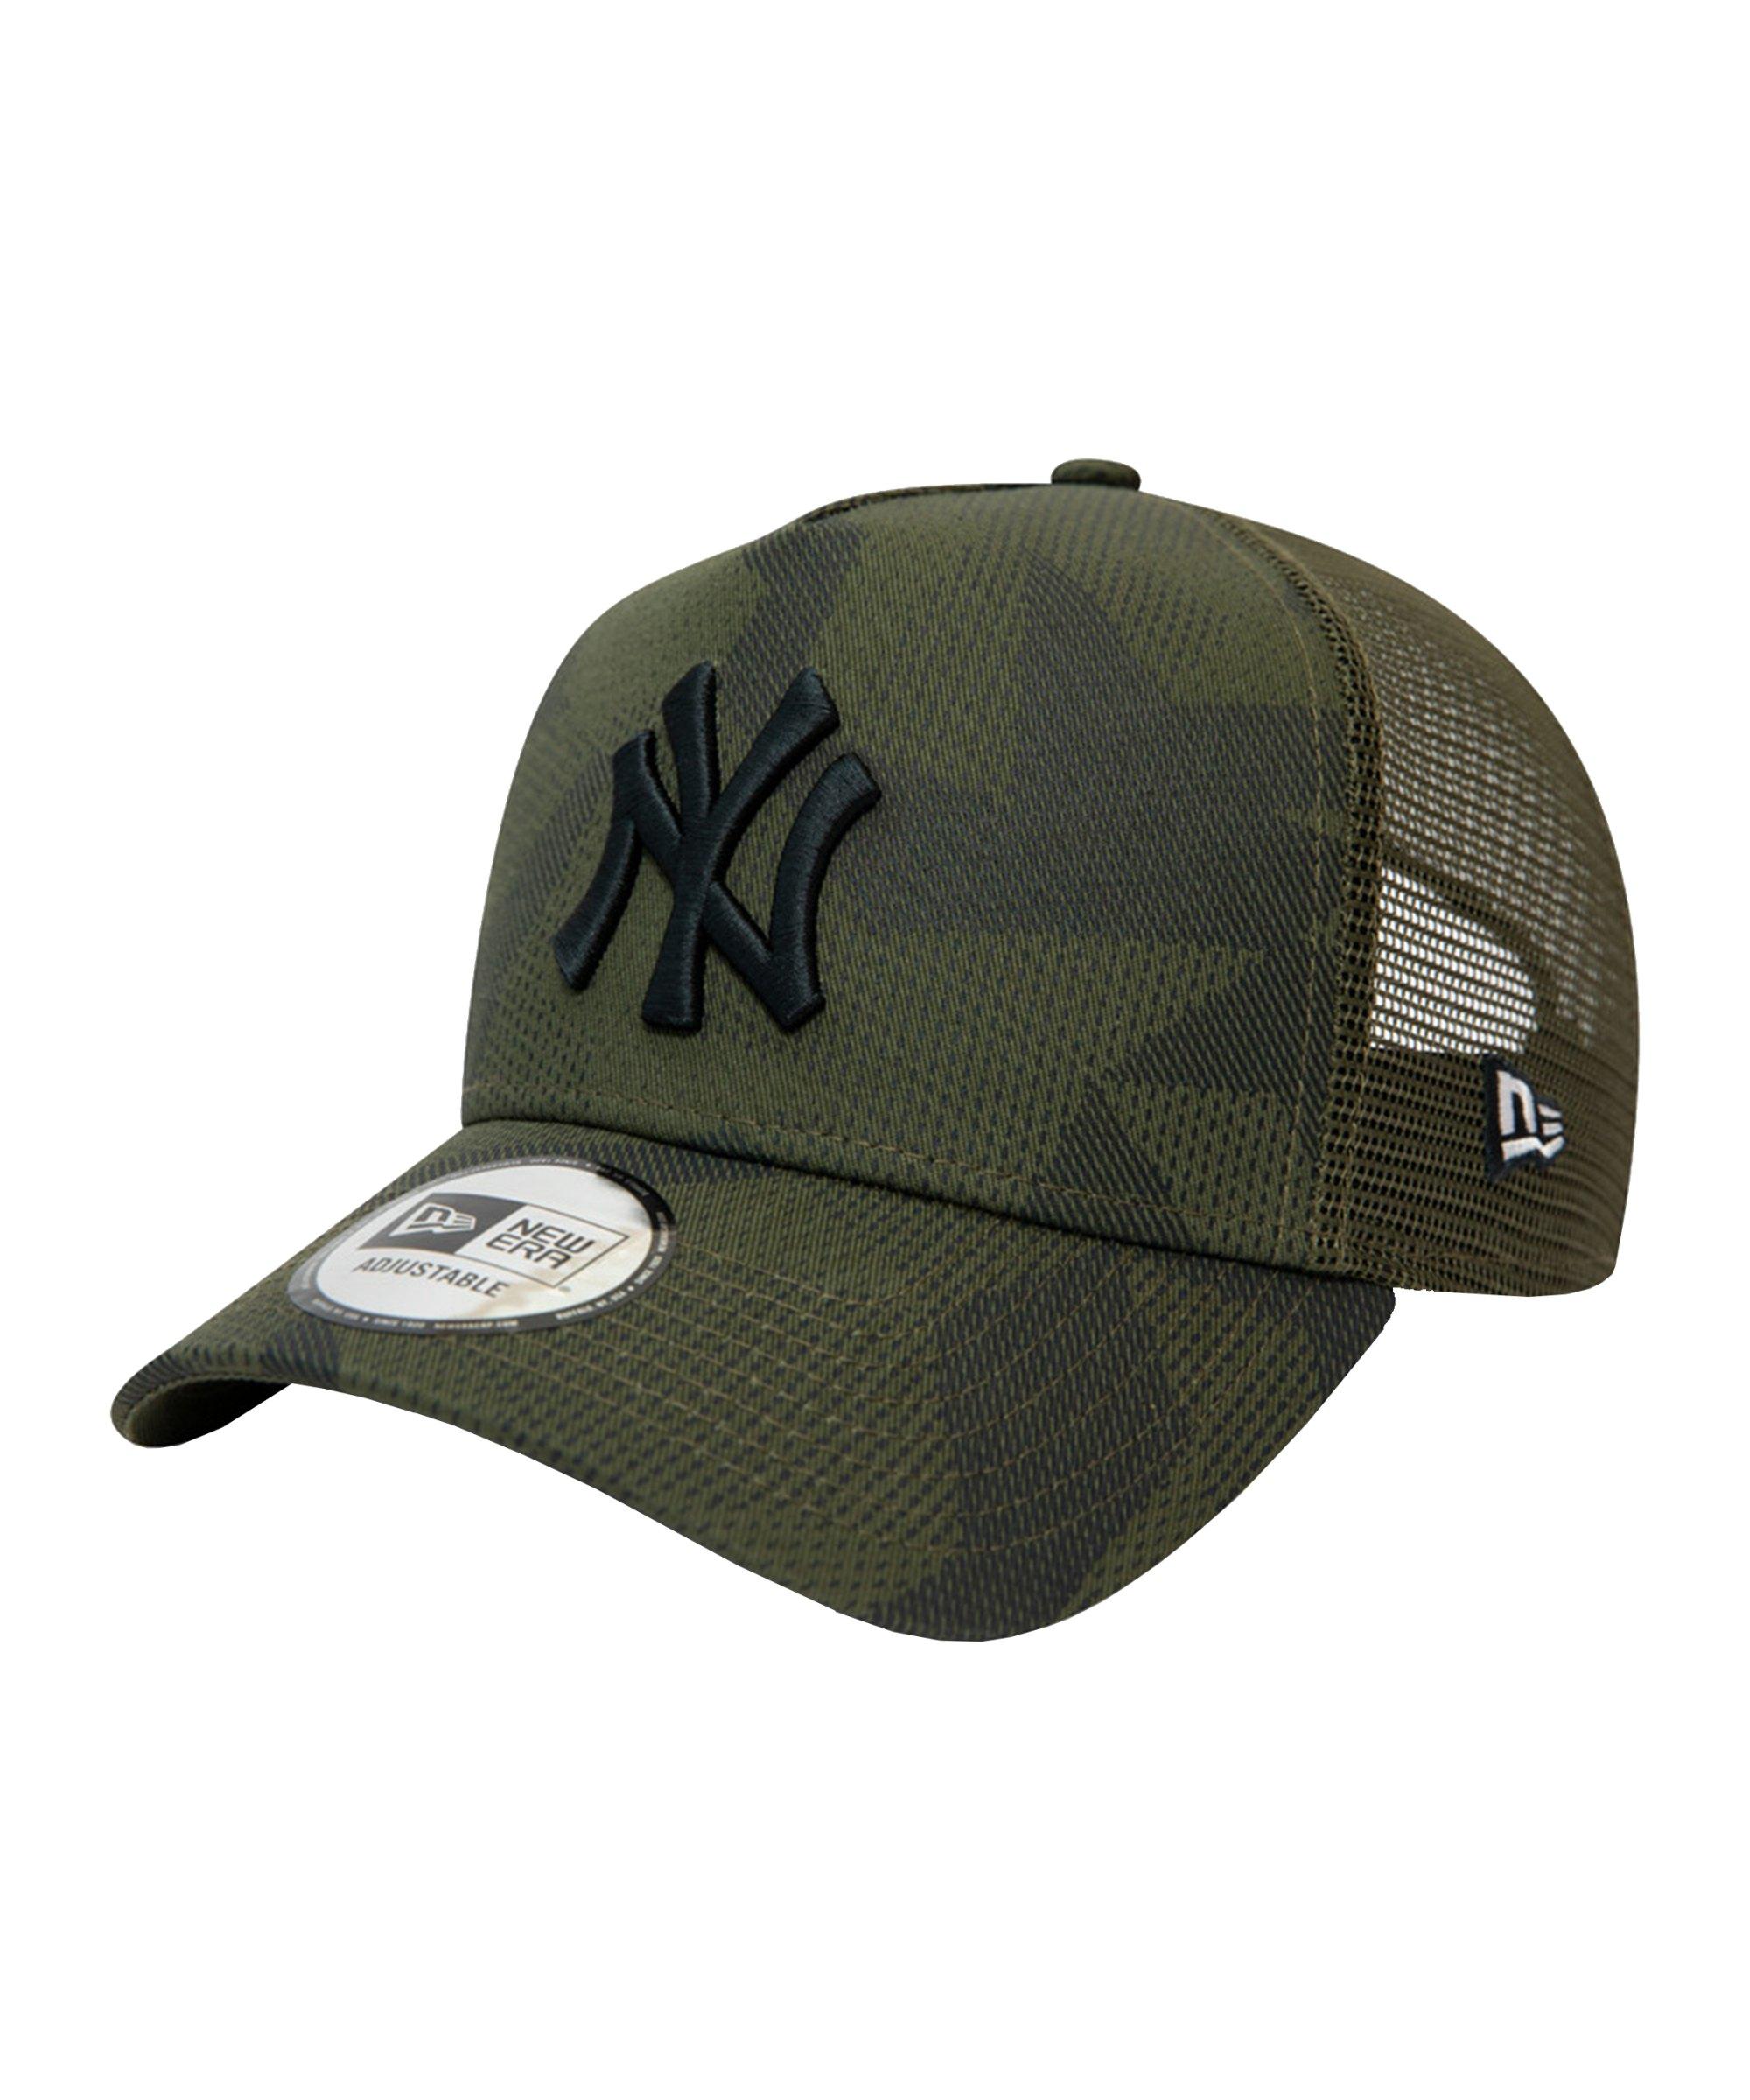 New Era NY Yankees Camo Trucker Cap FNOV - gruen